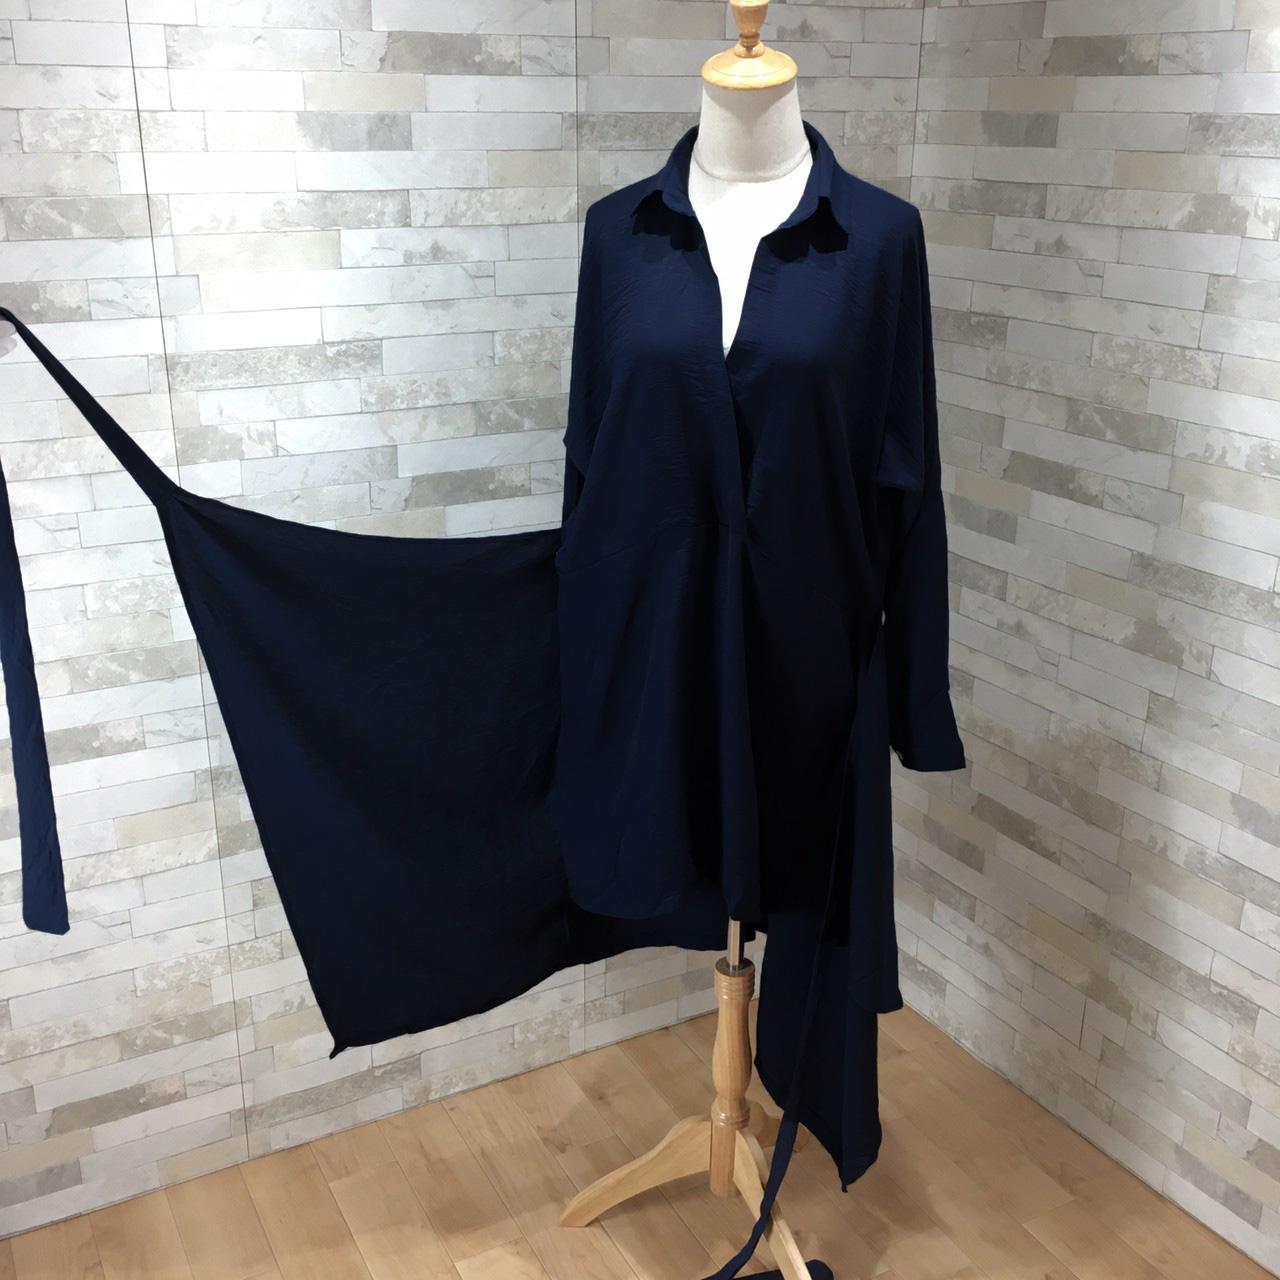 韓国 ファッション ワンピース 春 秋 冬 カジュアル PTXH836  カシュクール 襟付き ウエストマーク オフィス オルチャン シンプル 定番 セレカジの写真10枚目